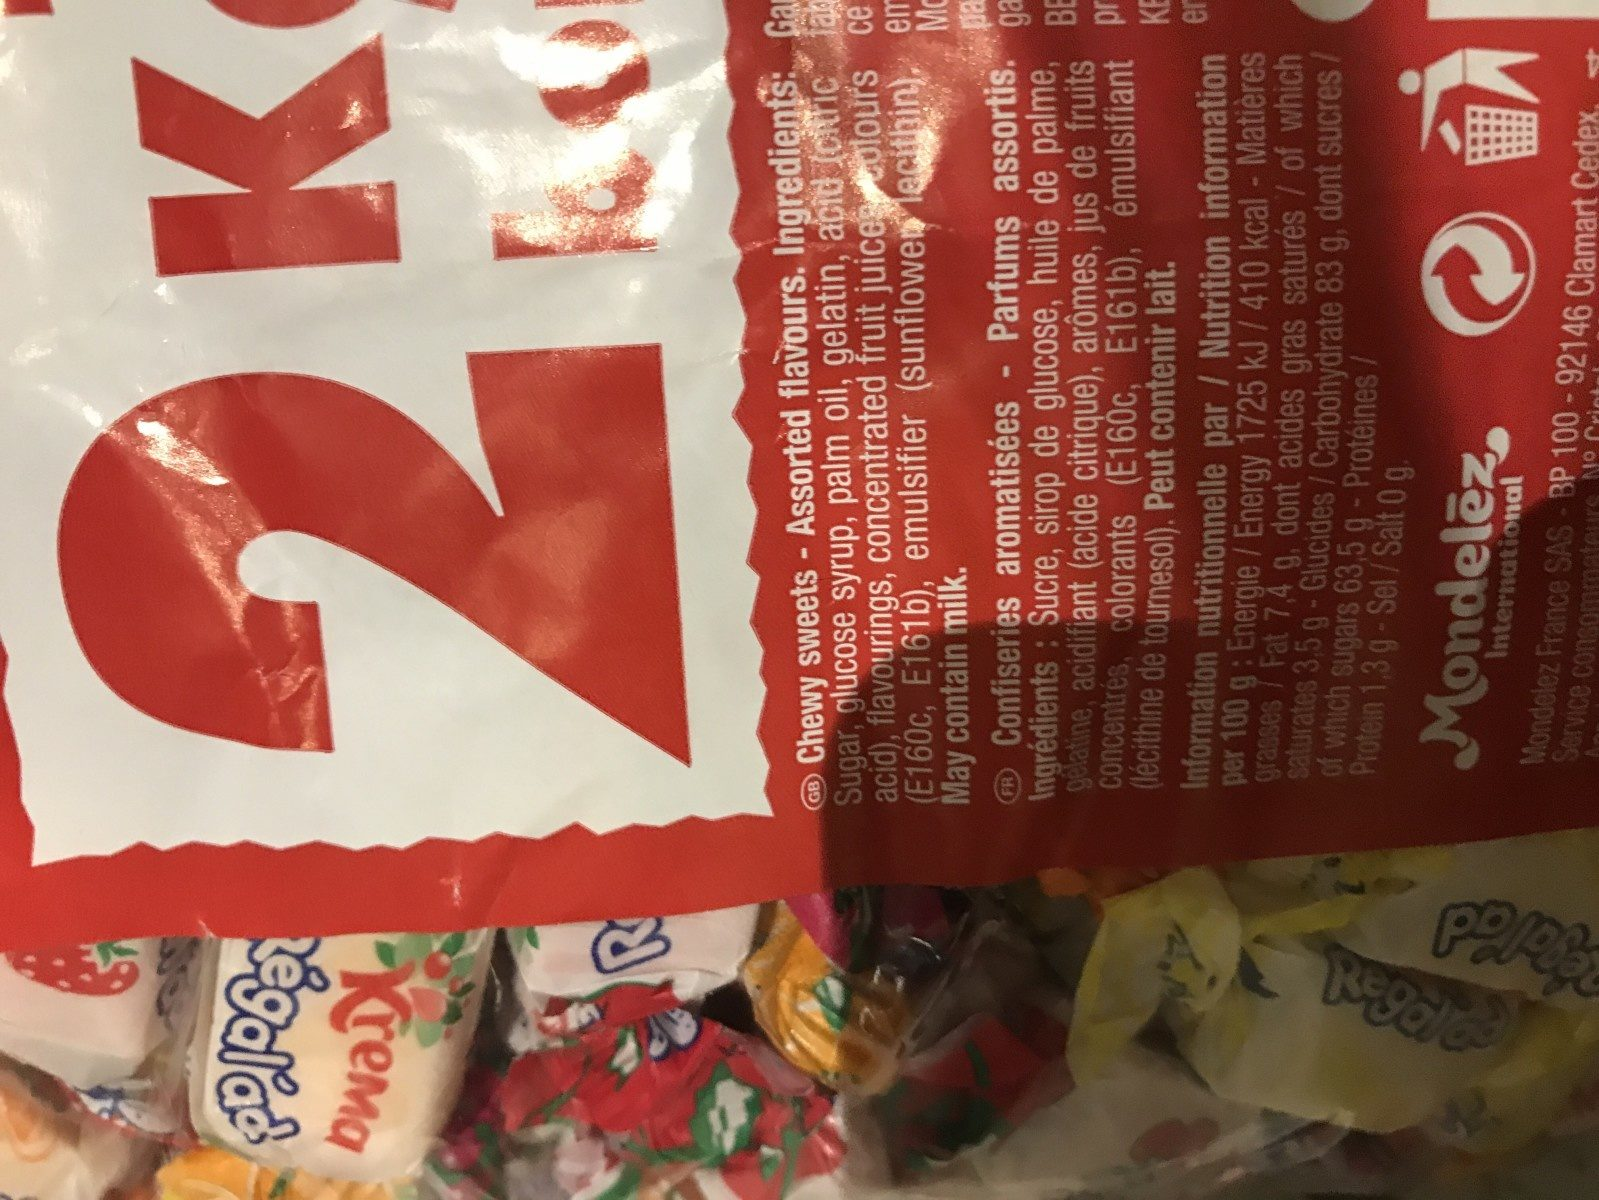 2KG Regal'ad Vrac - Ingredients - fr